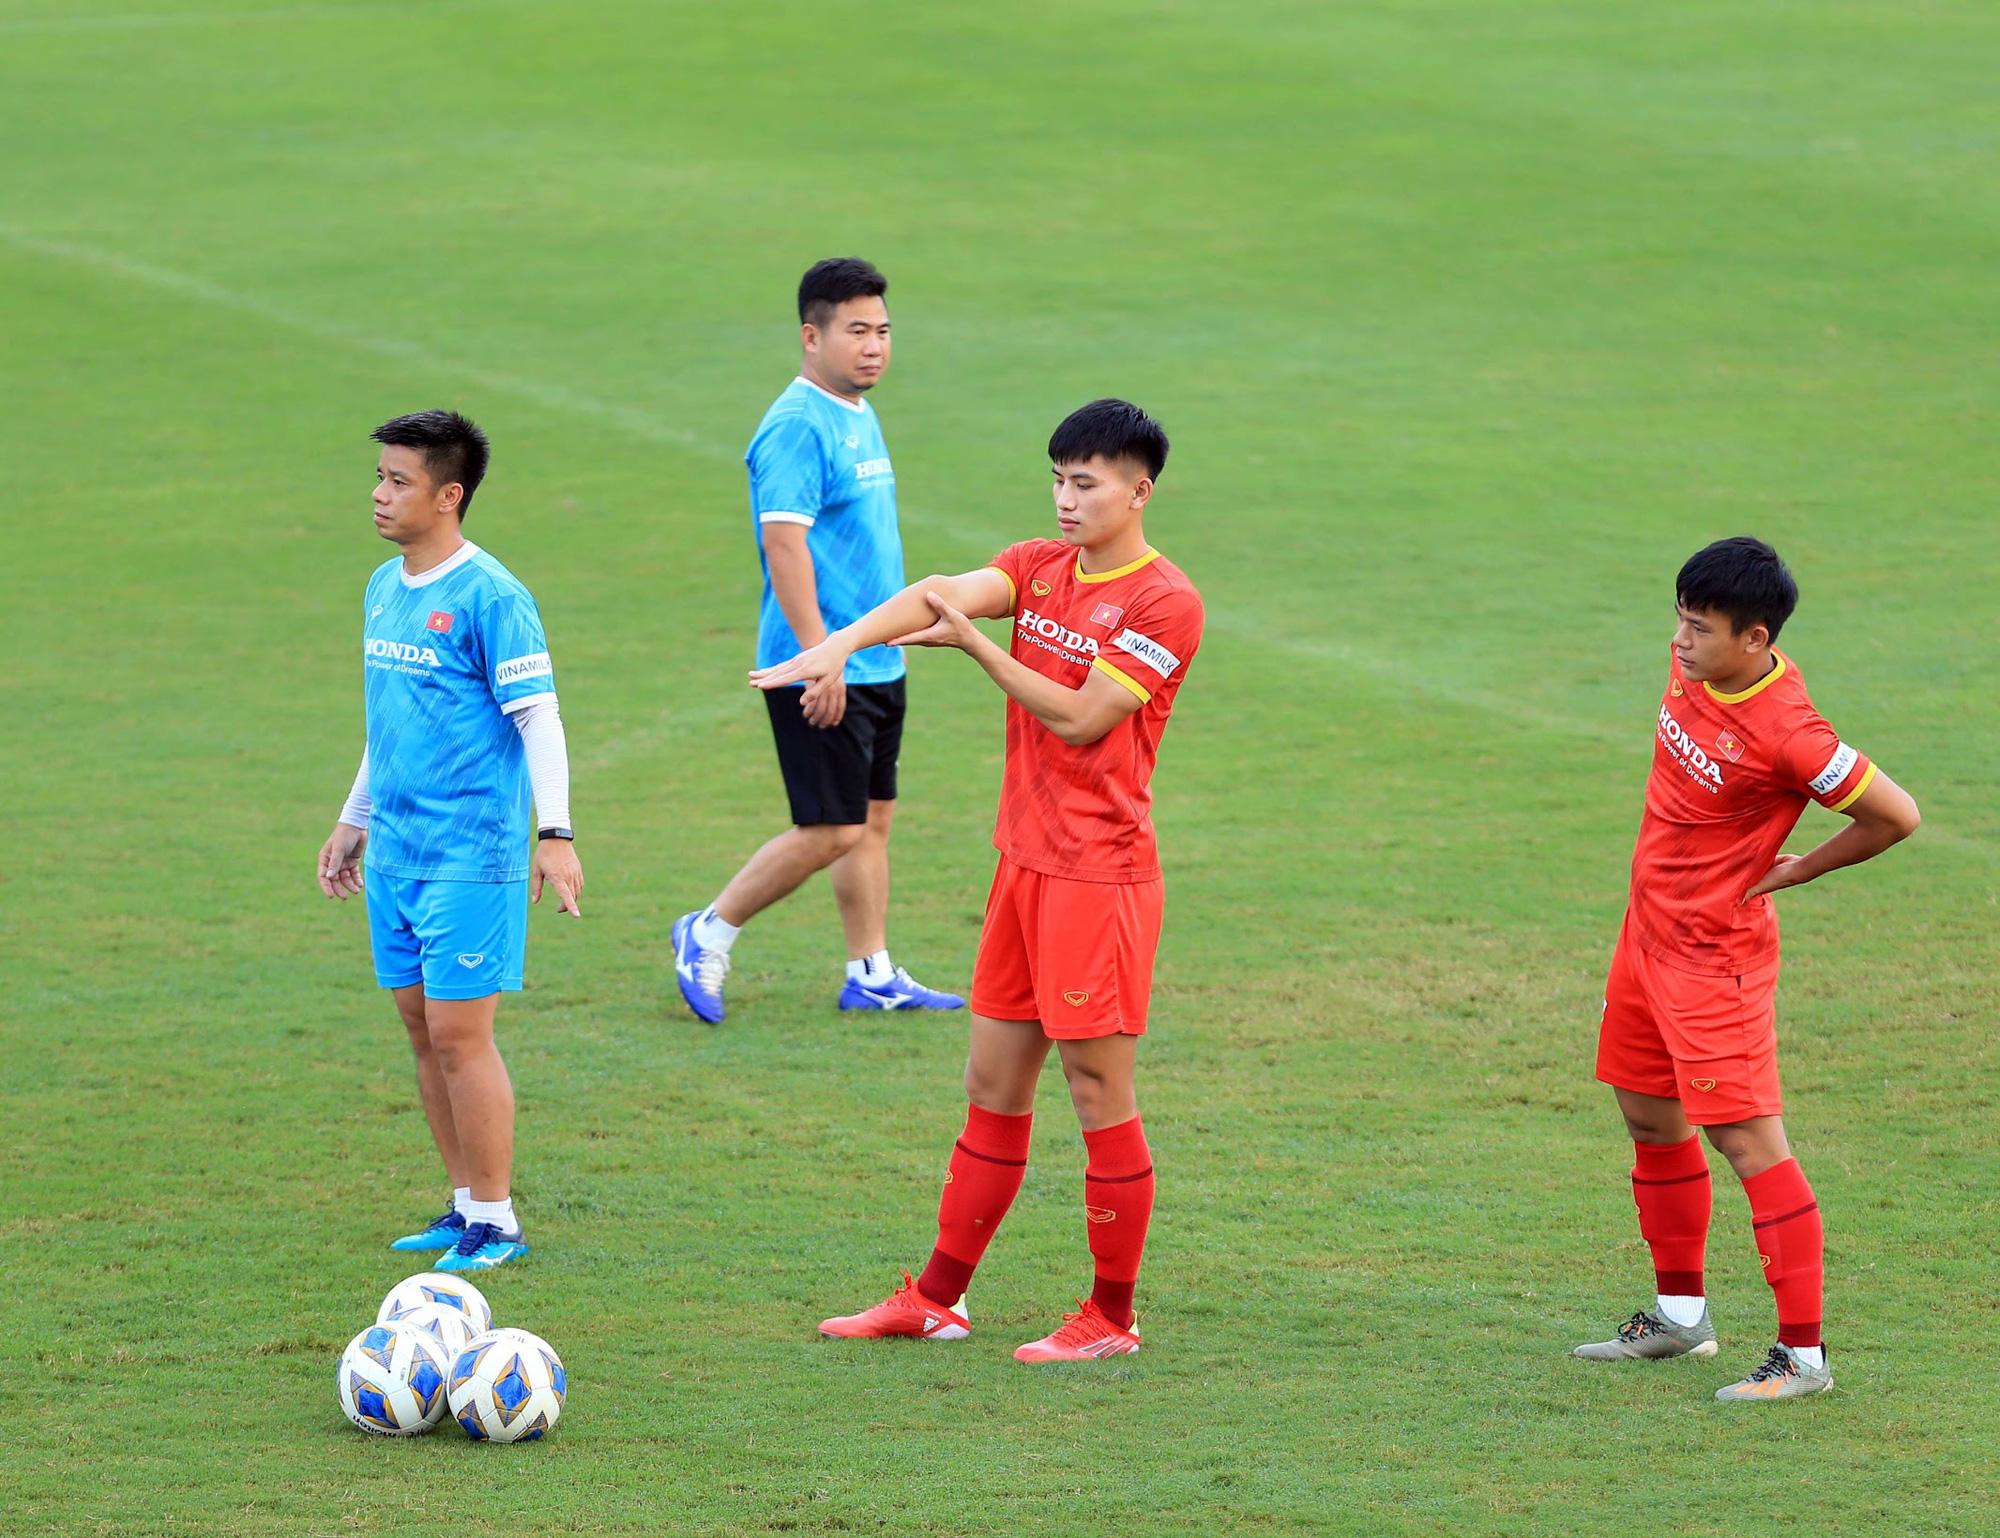 Tuấn Anh và đồng đội hào hứng khi trở thành thủ môn bất đắc dĩ cho tuyển Việt Nam - ảnh 3